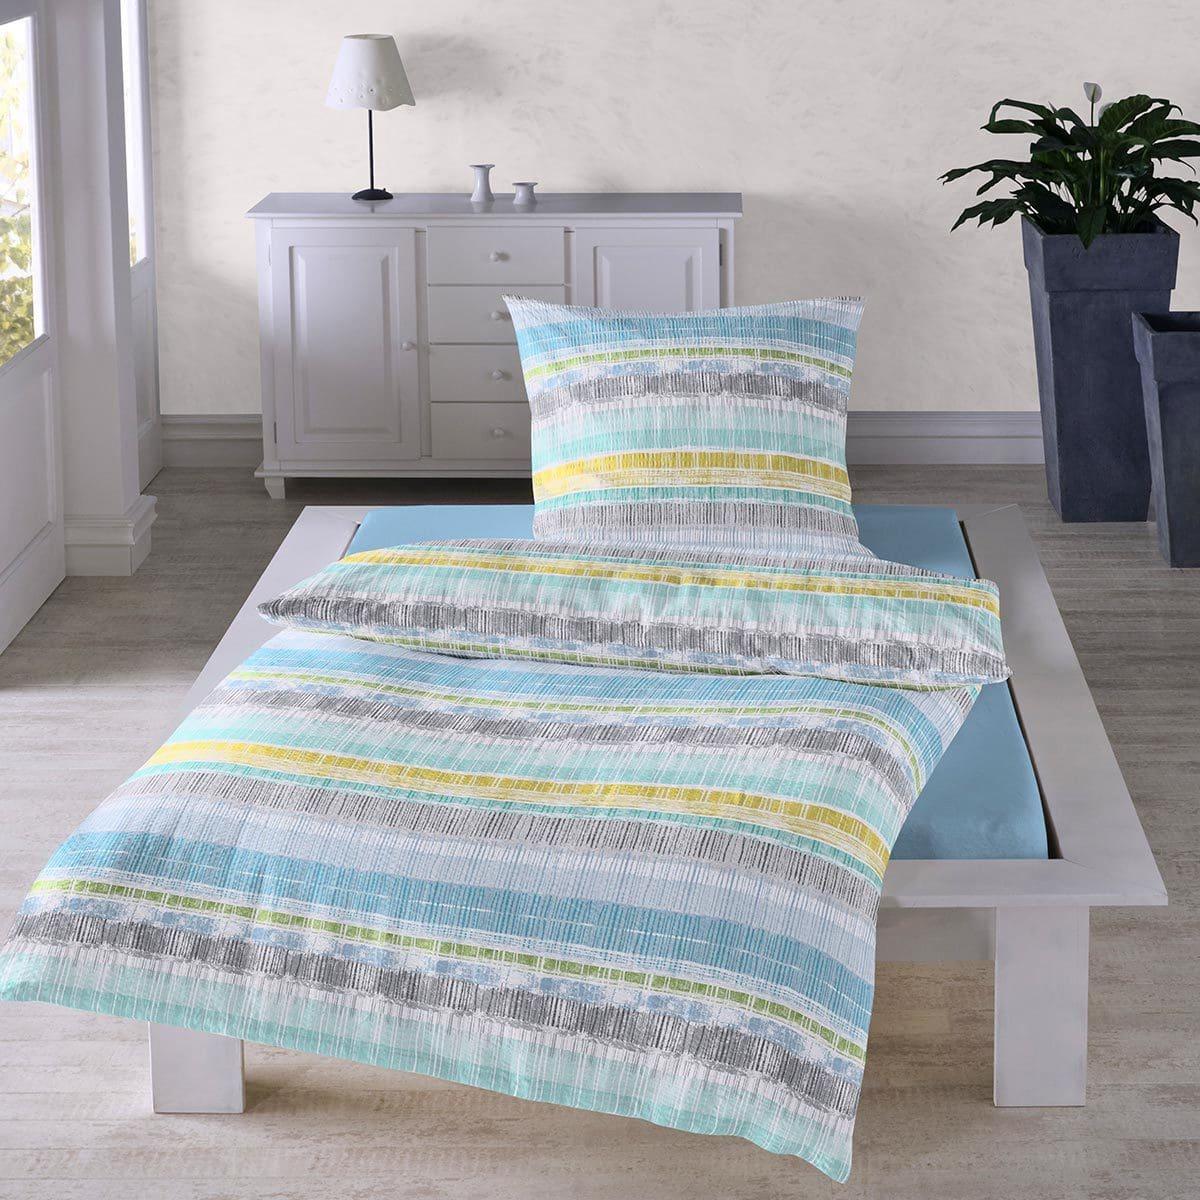 Traumschlaf Seersucker Bettwäsche Modern Stripes